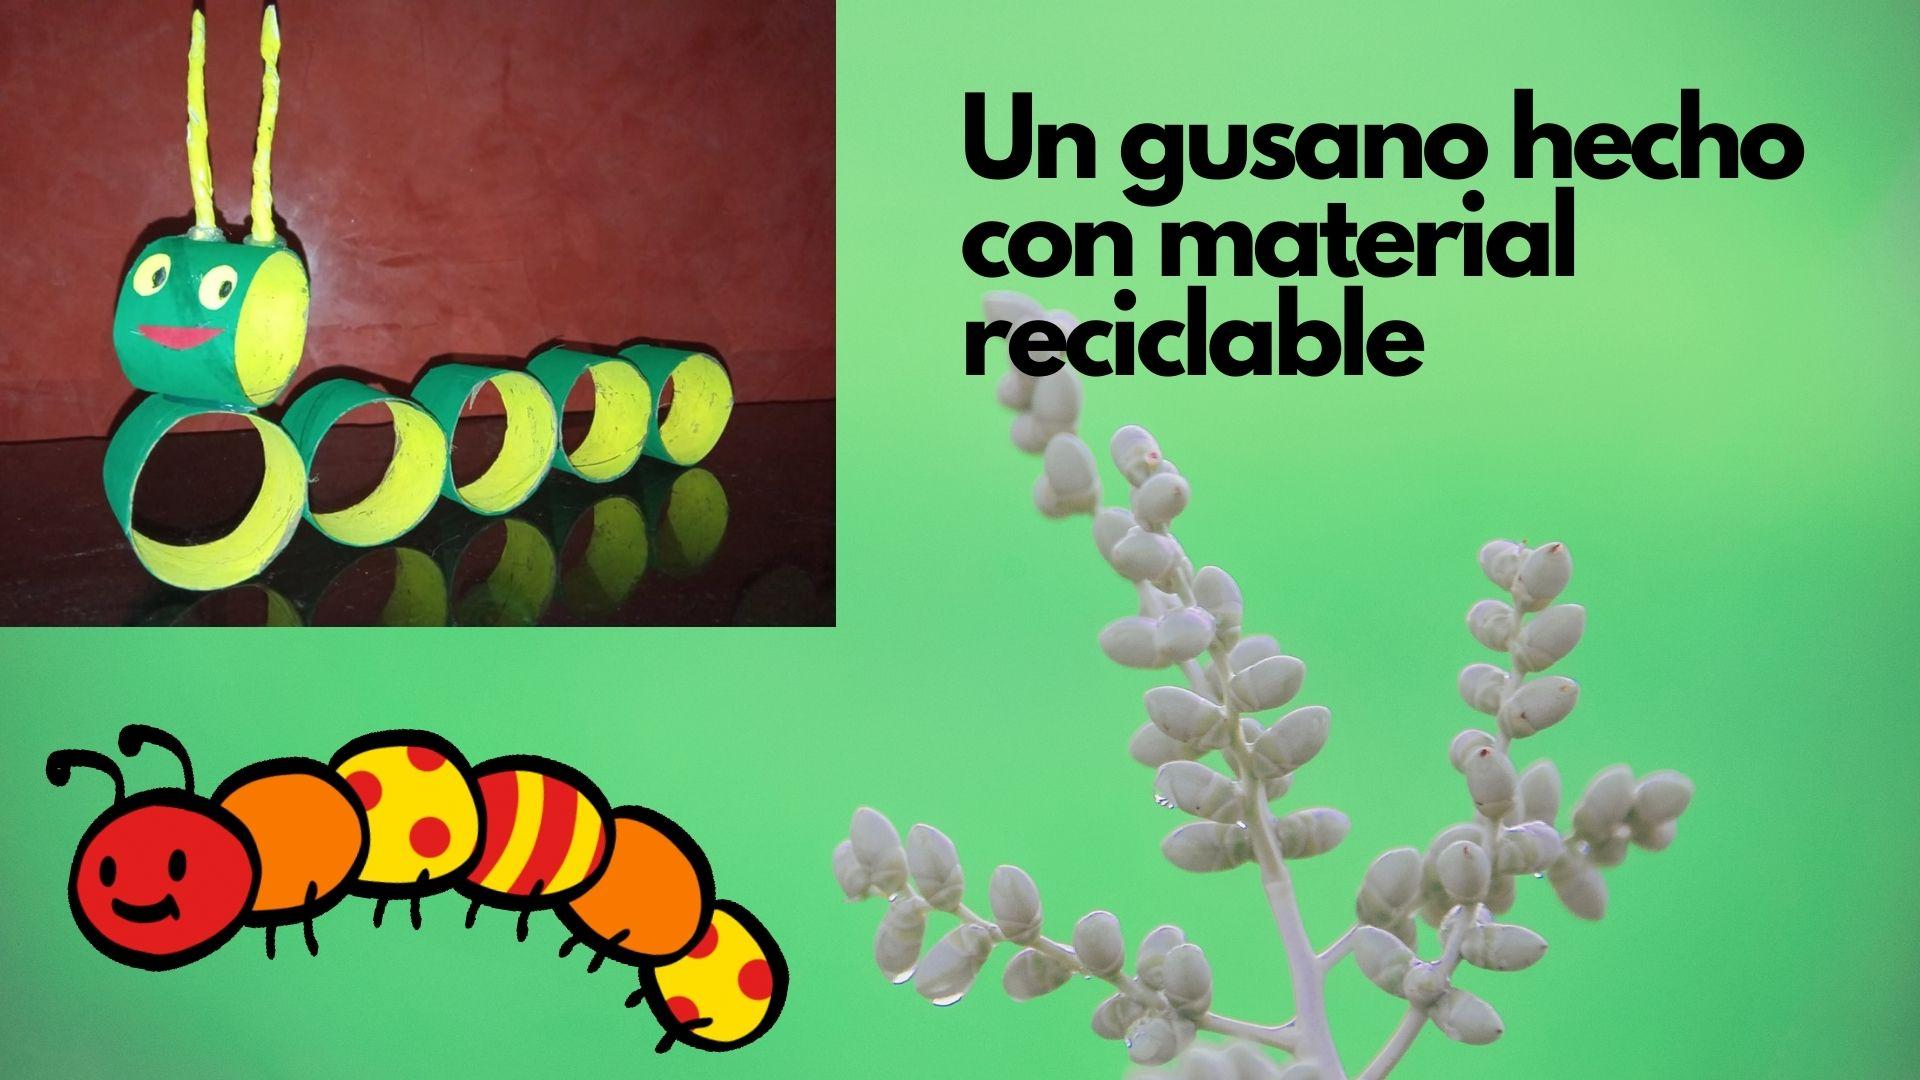 Un gusano hecho con material reciclable.jpg